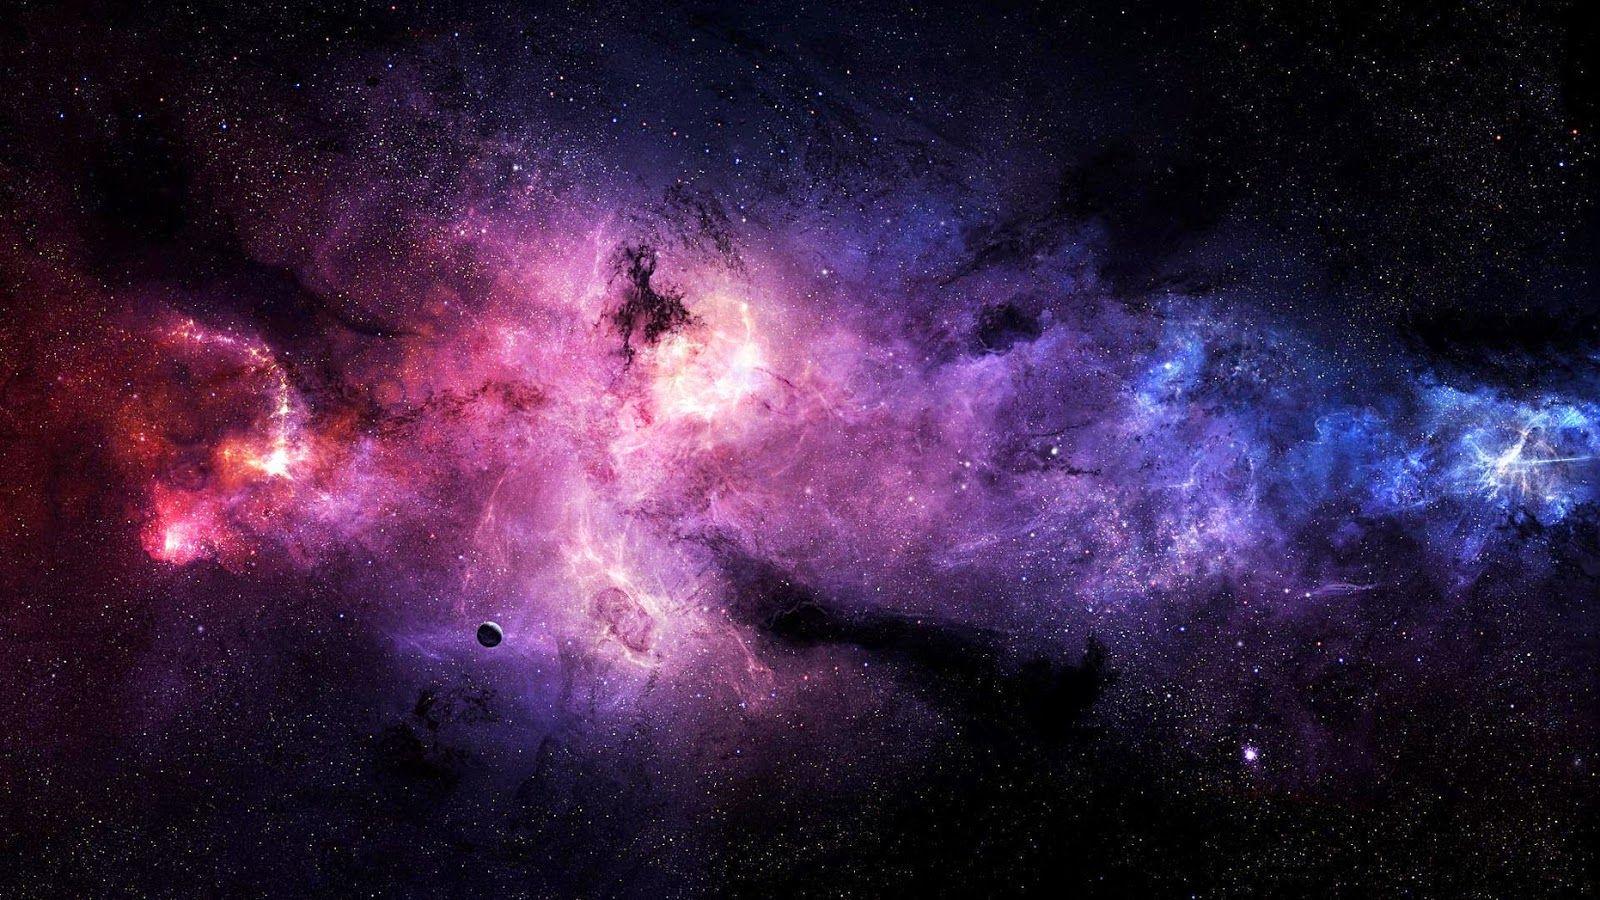 Galaxy Wallpaper Free Download Galaxy Violet Wallpaper Plano De Fundo Iphone Foto 2560x1440 Planos De Fundo